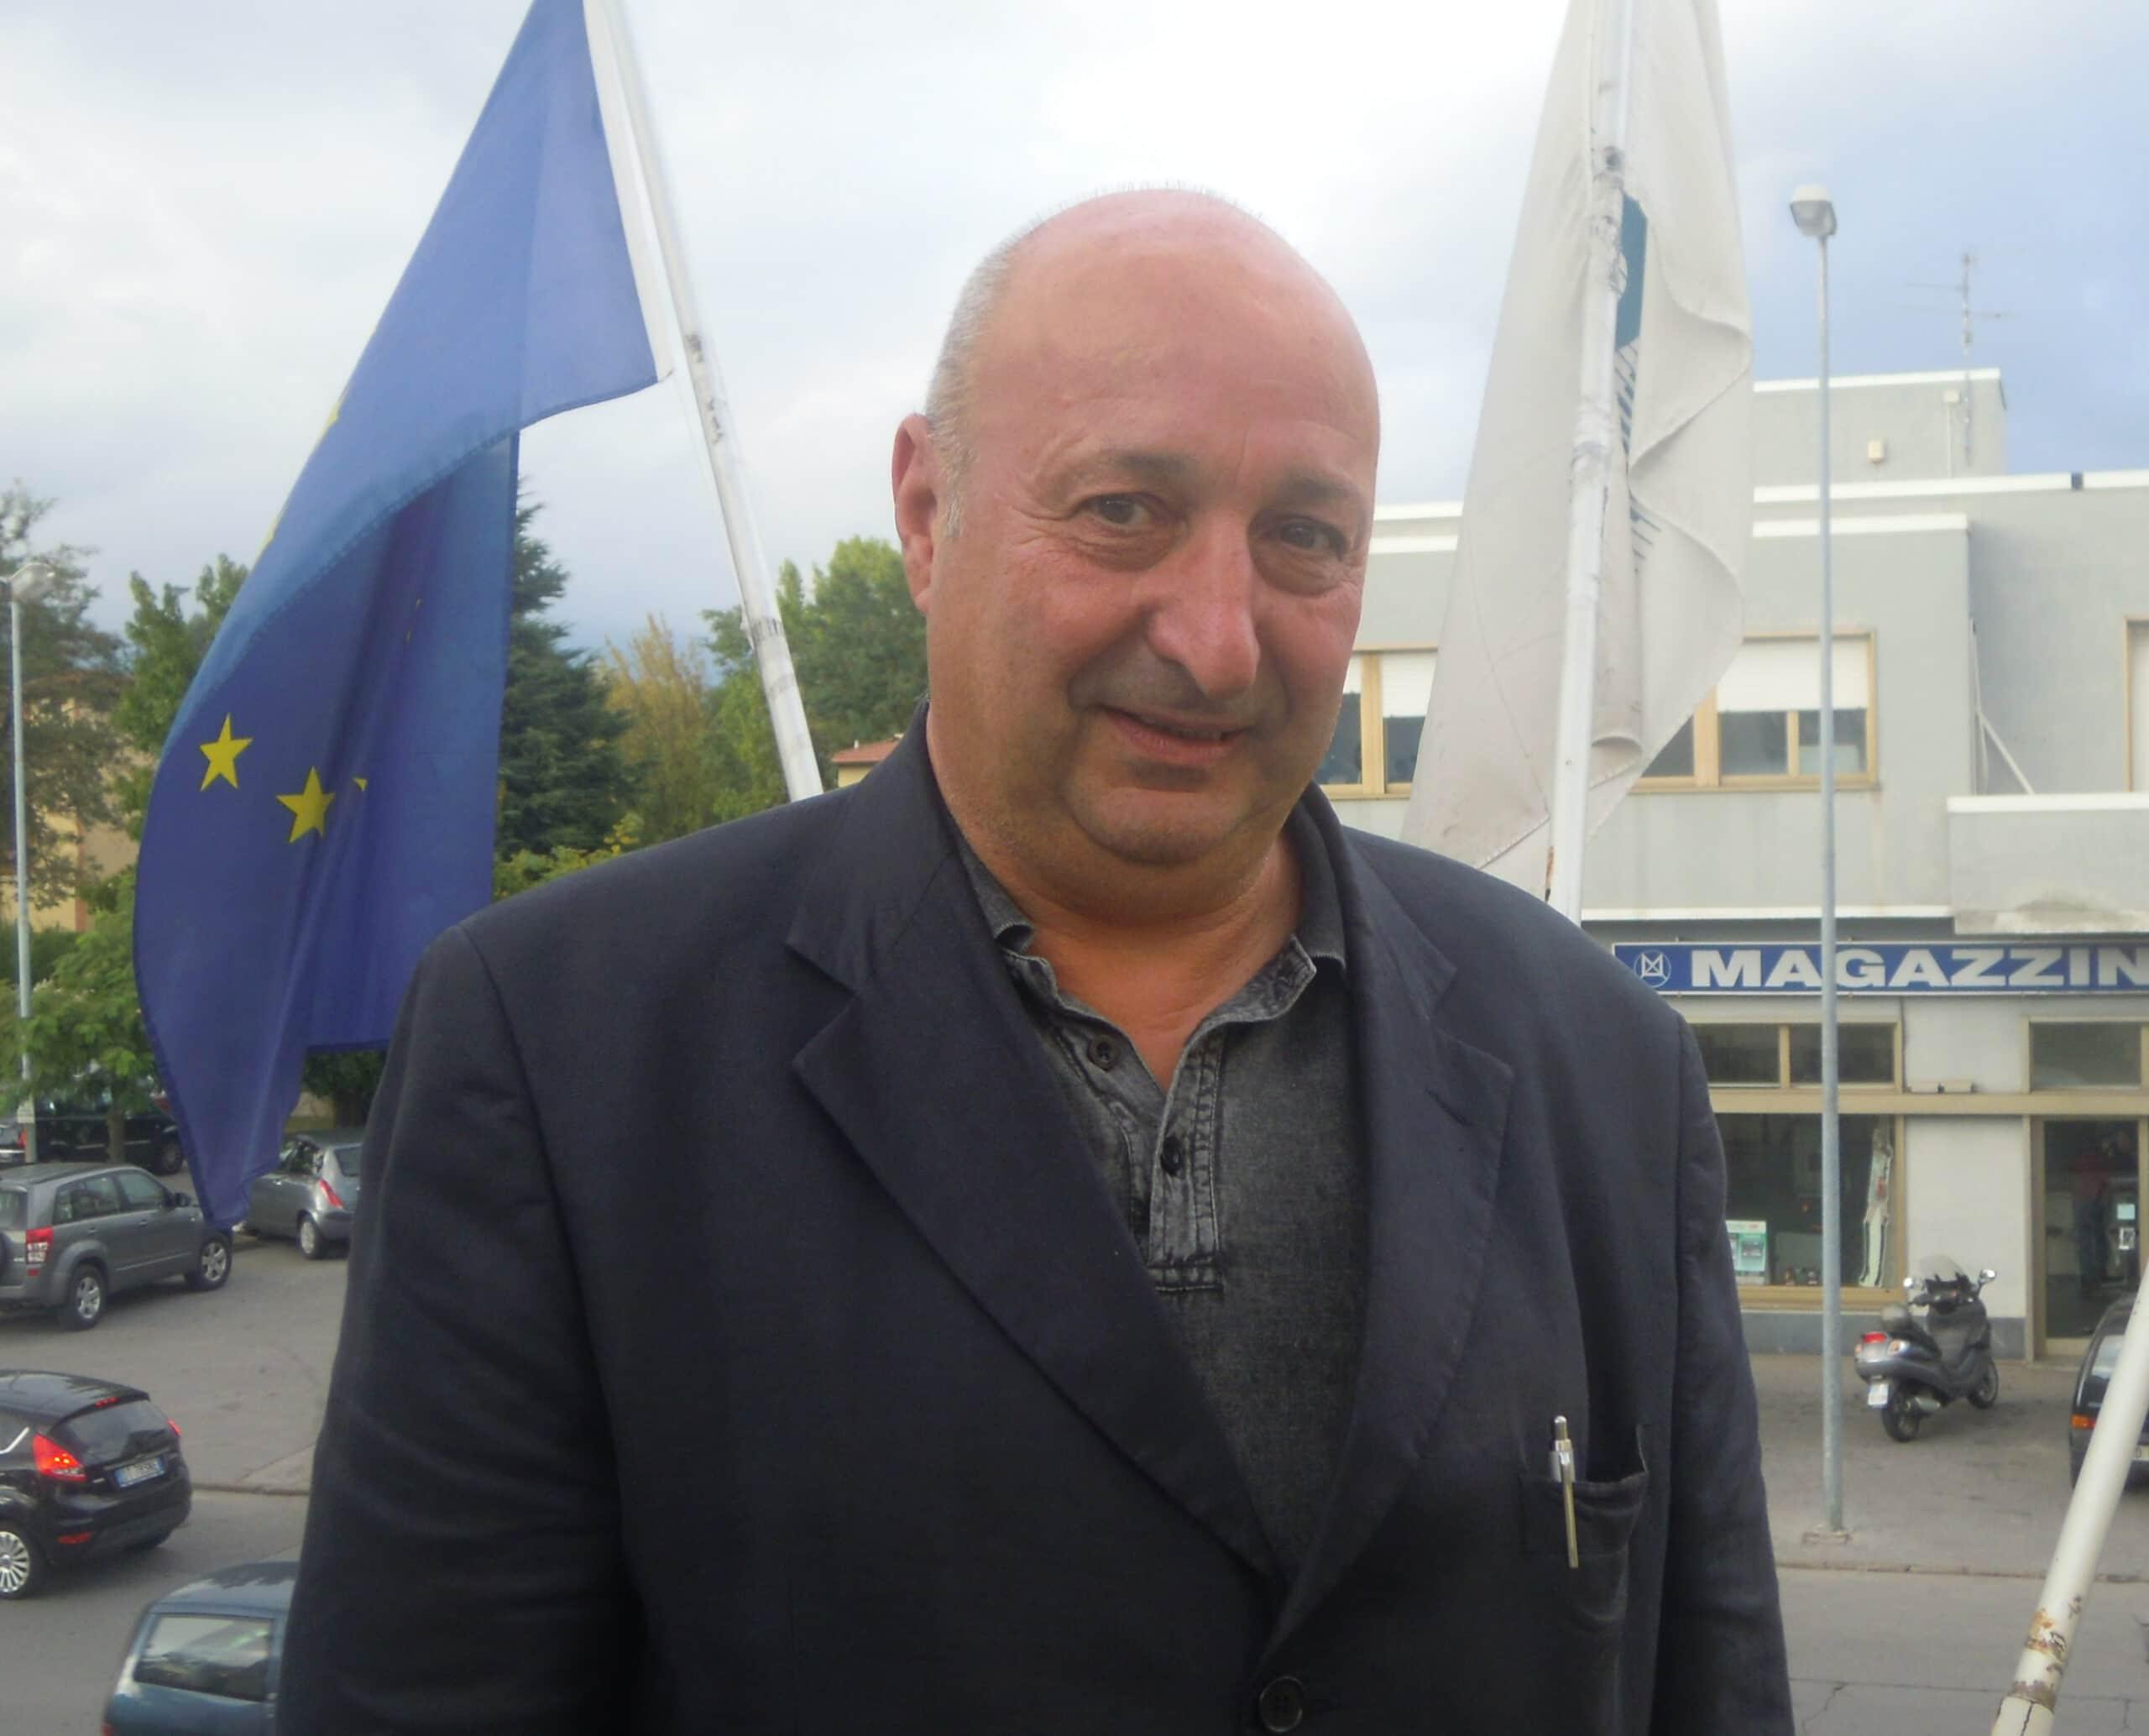 Paolo Spadoni